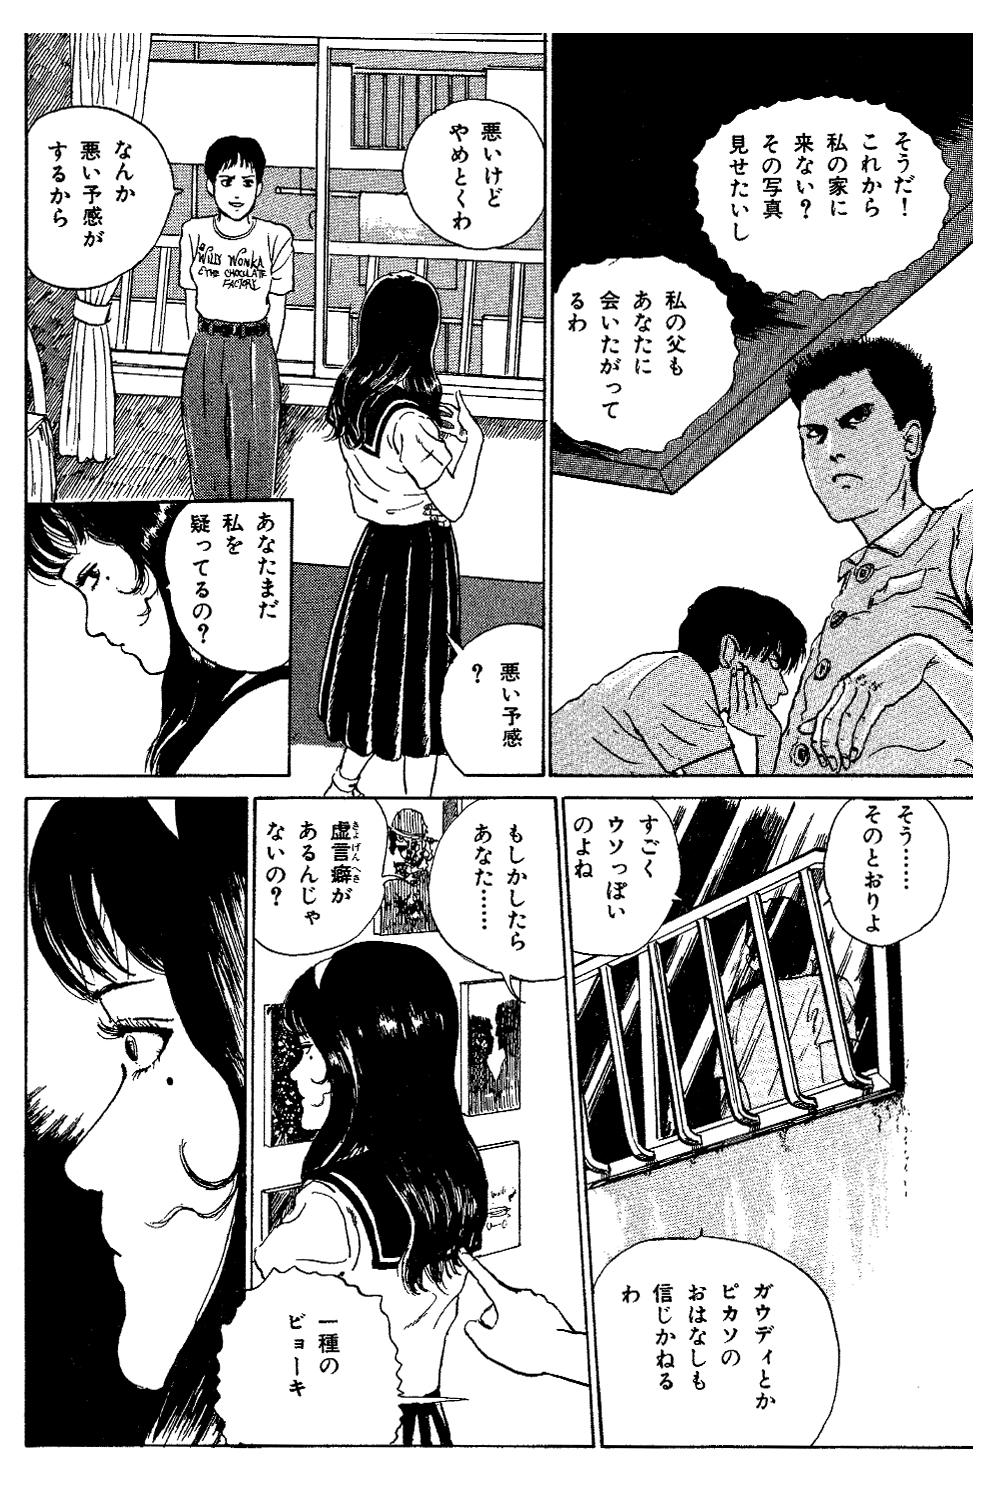 伊藤潤二傑作集 第4話「富江 写真」④jjunji13-07.jpg